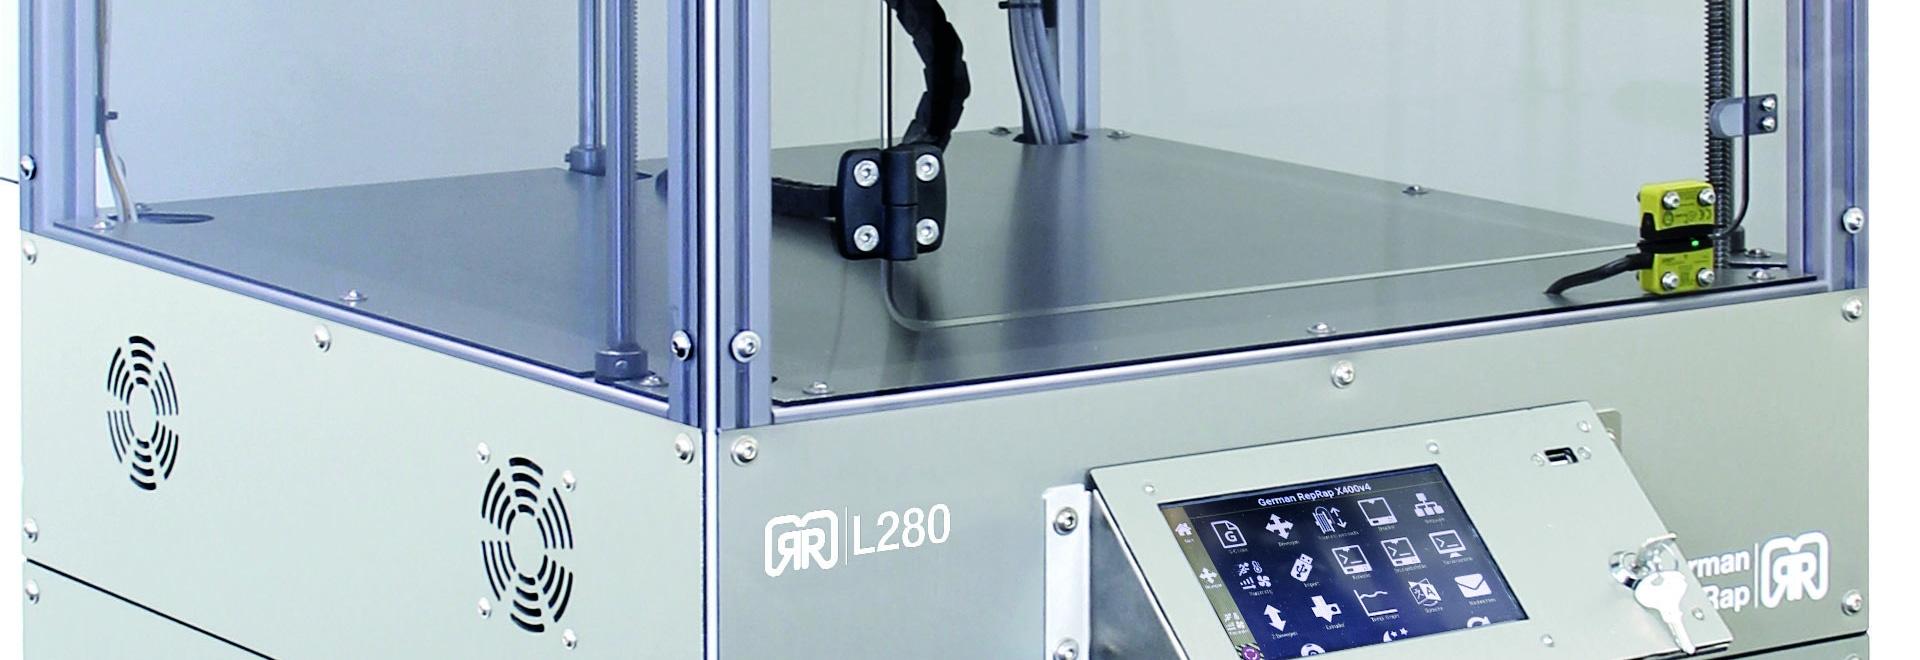 RepRap alemán para presentar la fabricación aditiva líquida y la impresora de L280 3D en Formnext